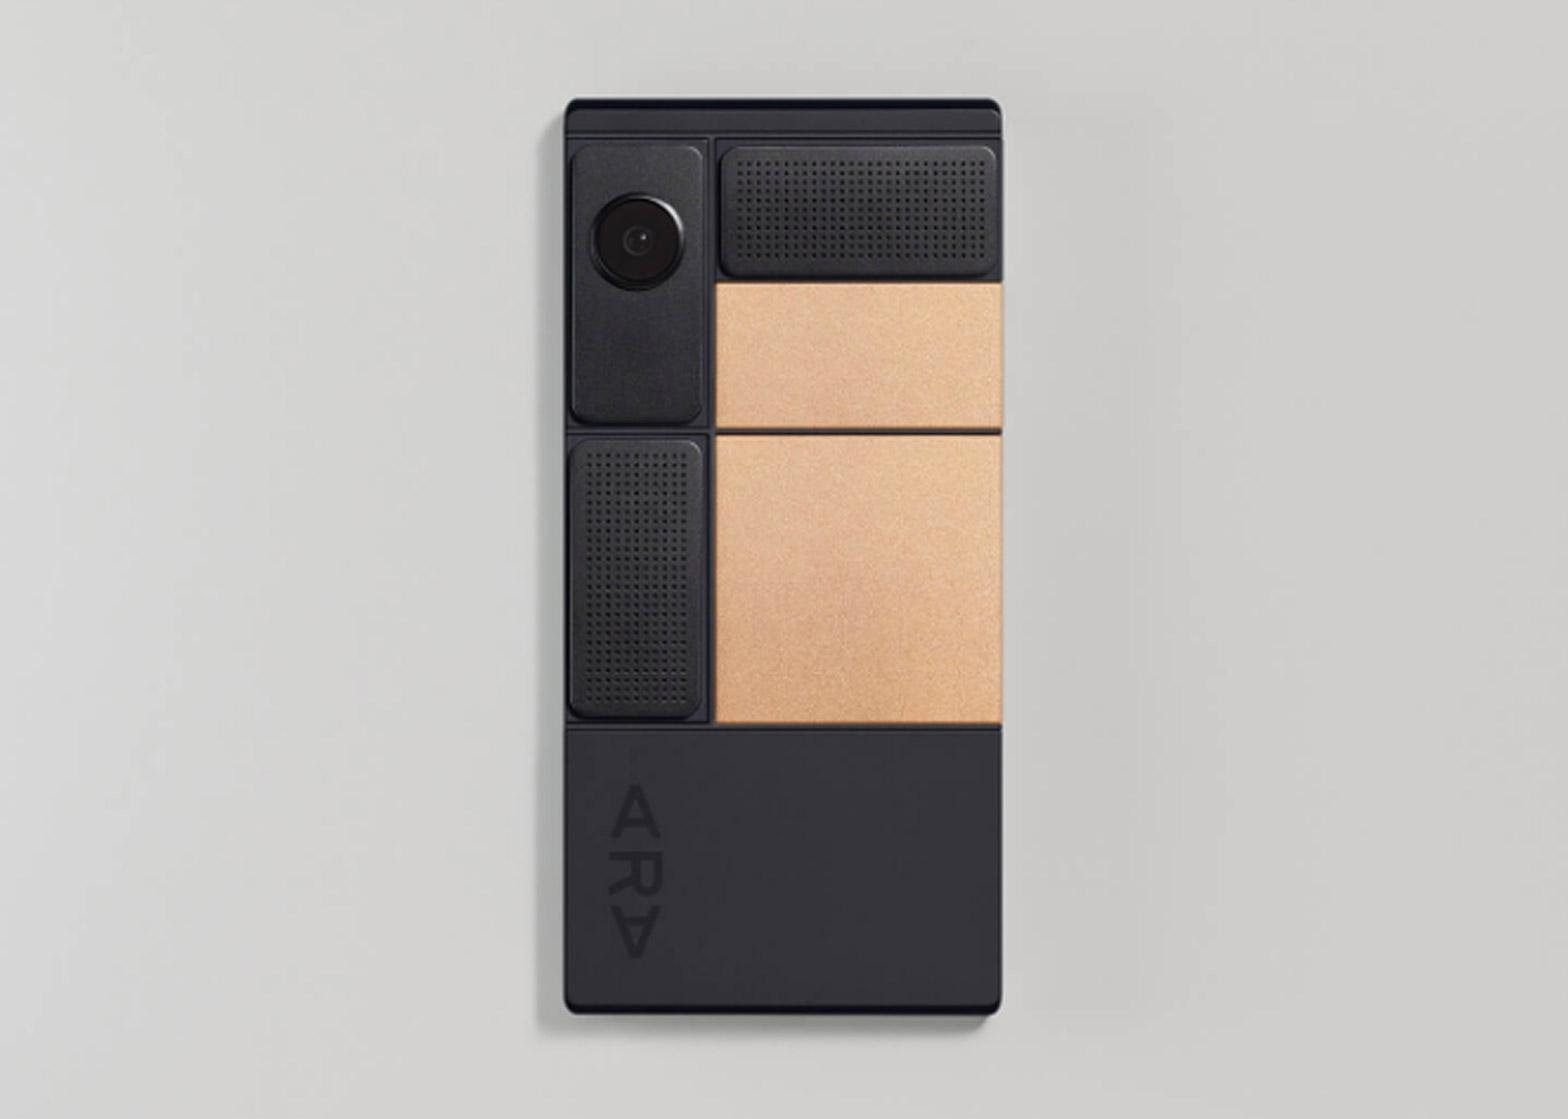 phone-project-ara-modular-smart-phone-google-alphabet-design-technology-news_dezeen_1568_5.jpg